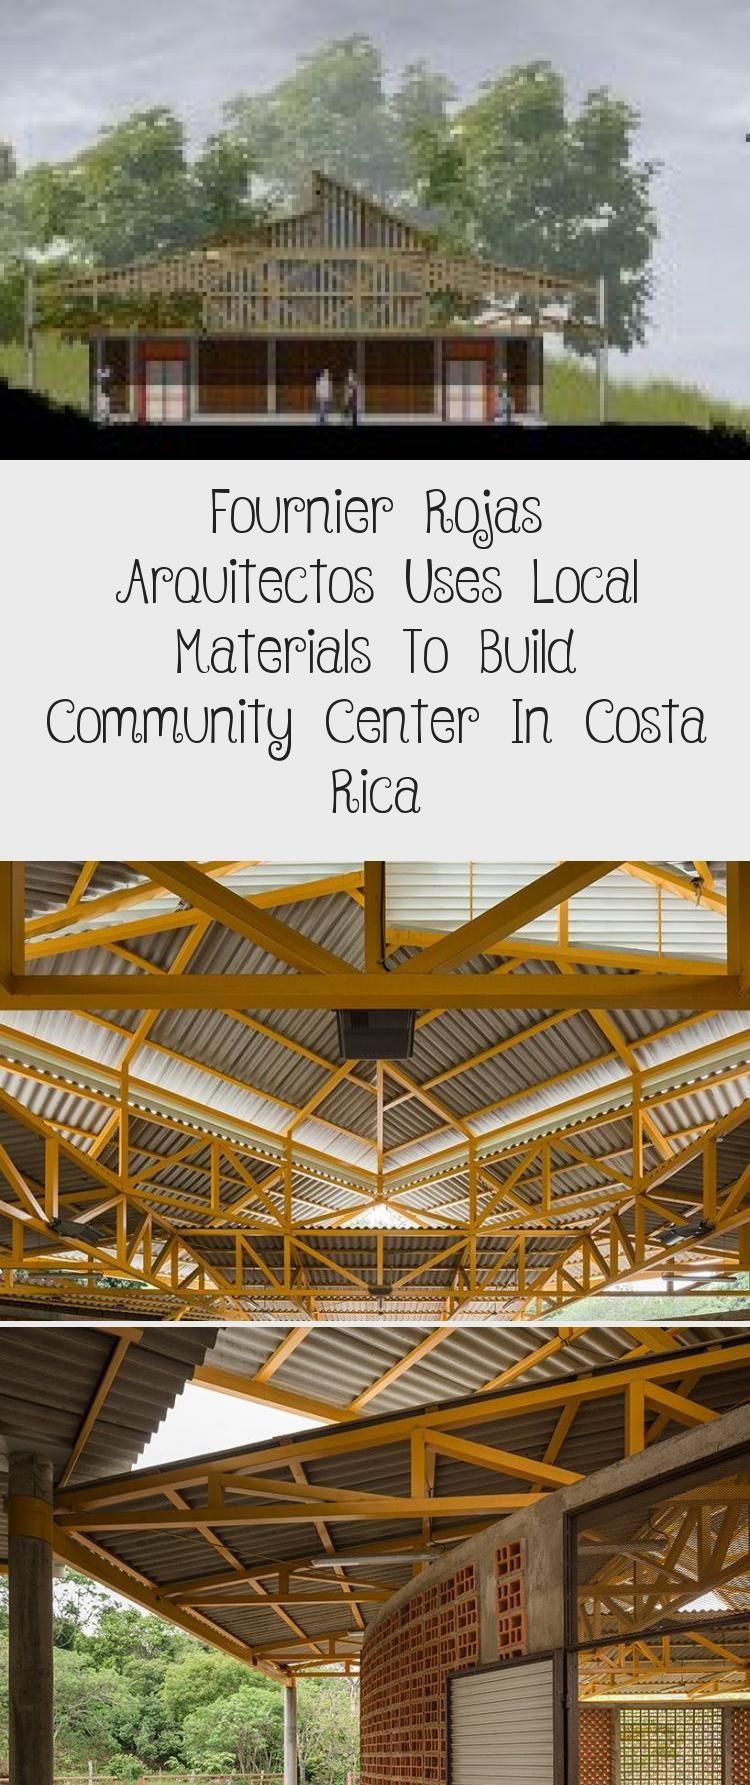 En Blog En Blog in 2020 Circular buildings, Roof cost